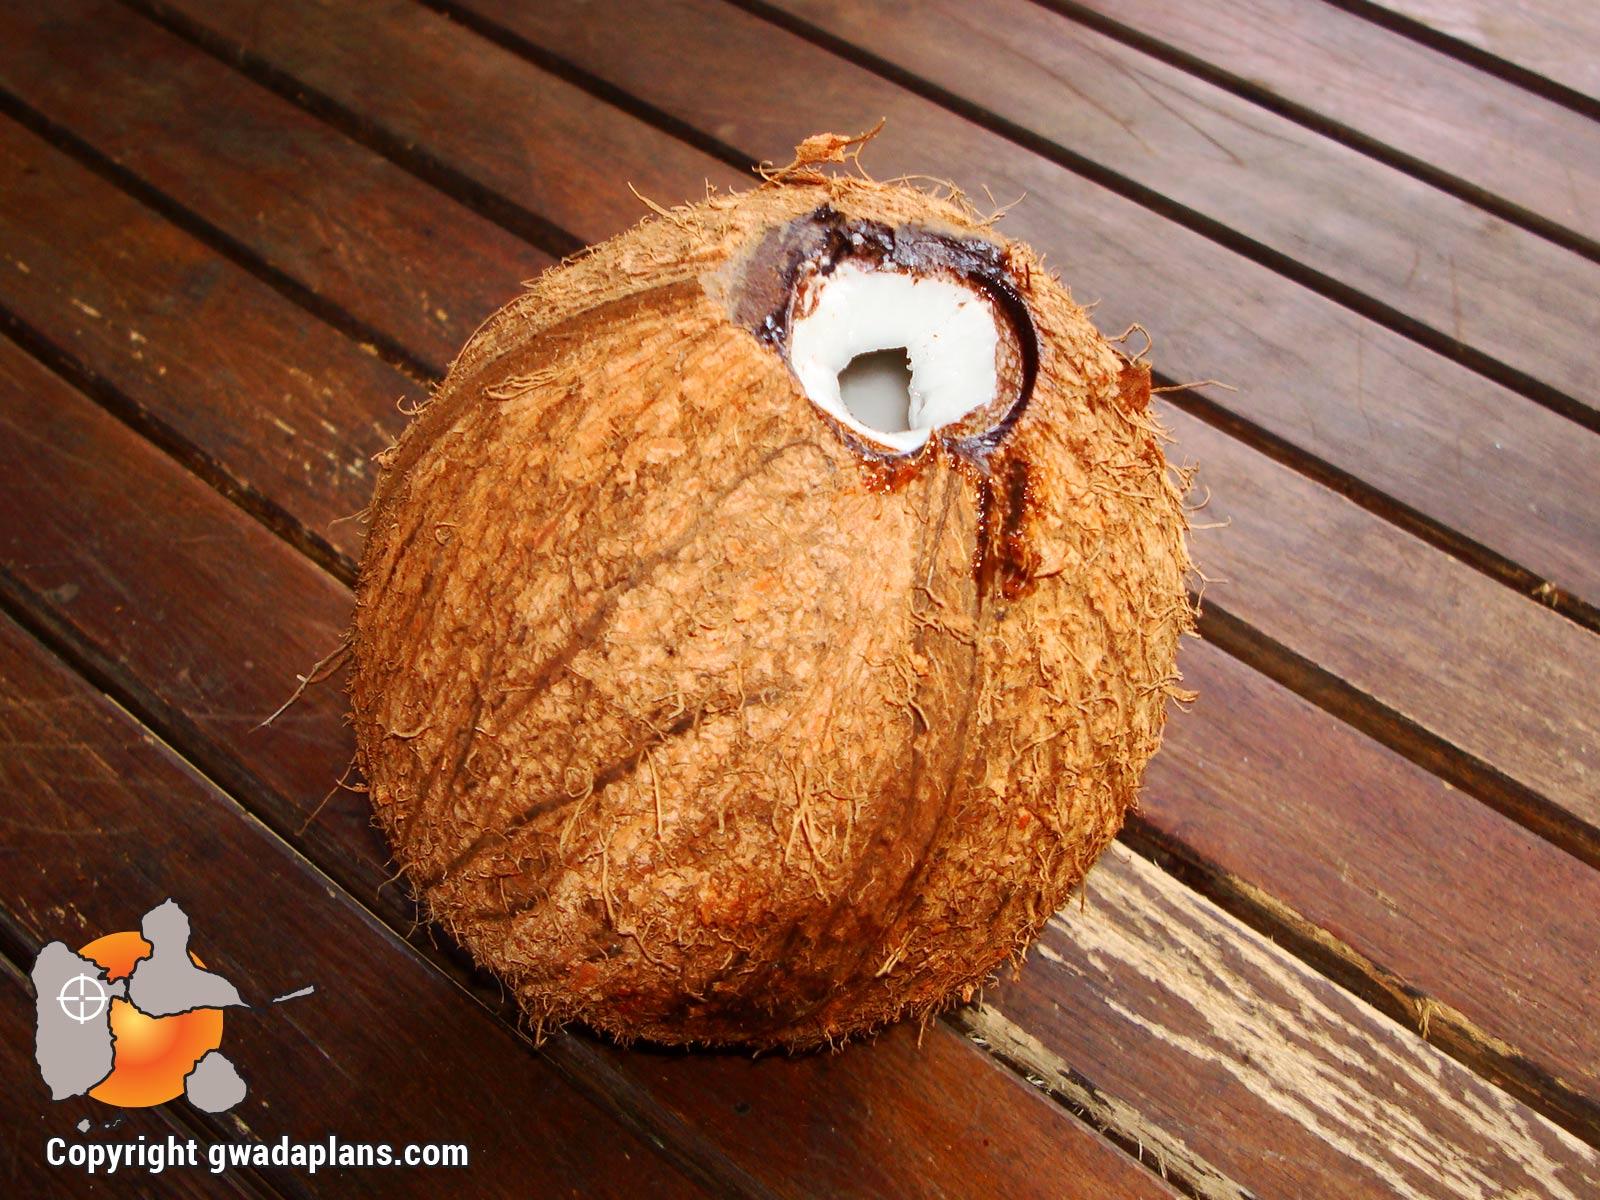 Noix de coco sèche - Gastronomie Guadeloupe